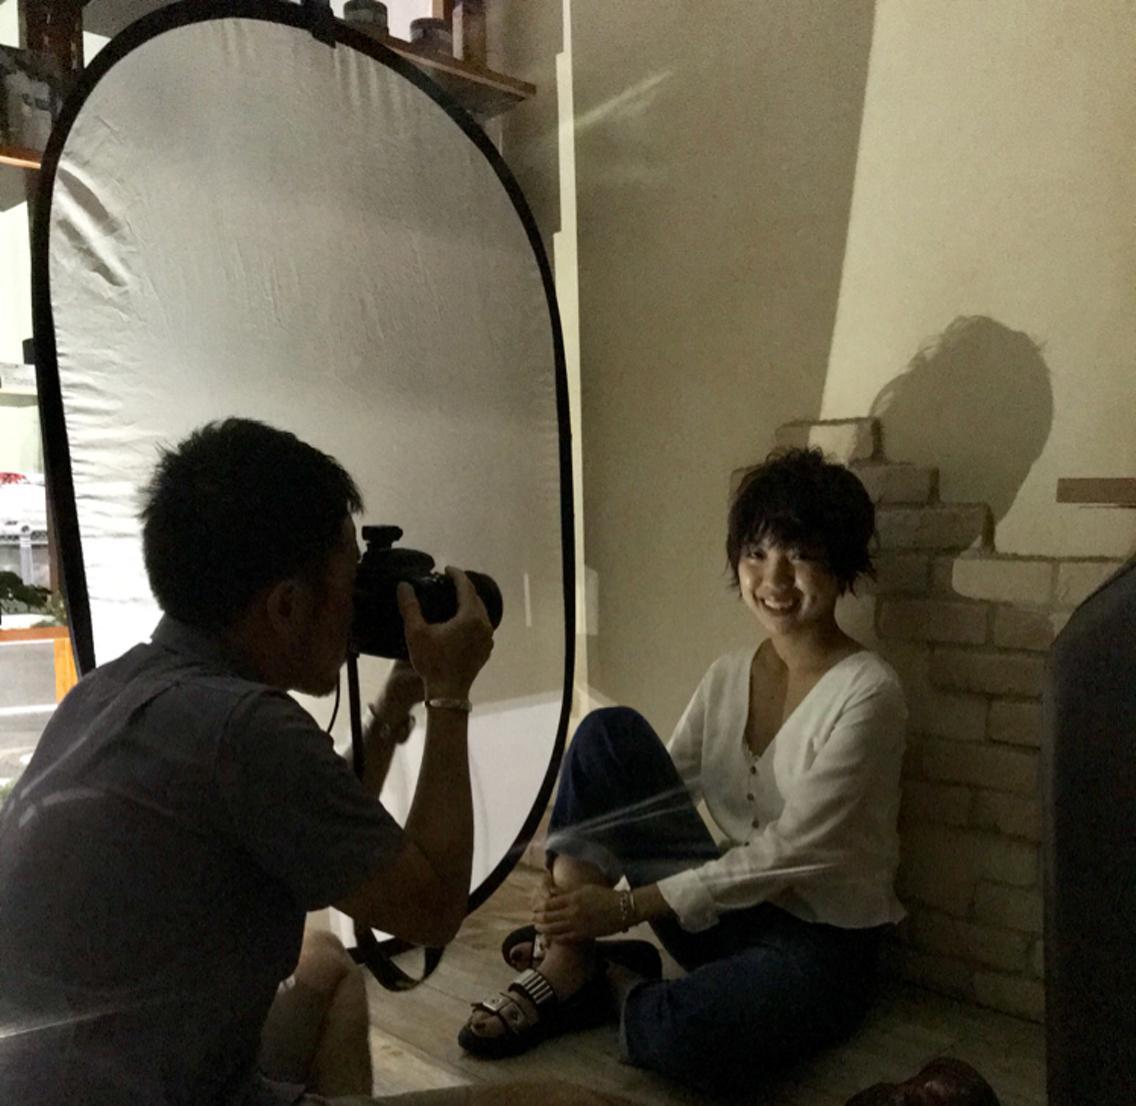 あなたの素敵を…◆簡単撮影モデルさん募集!◆